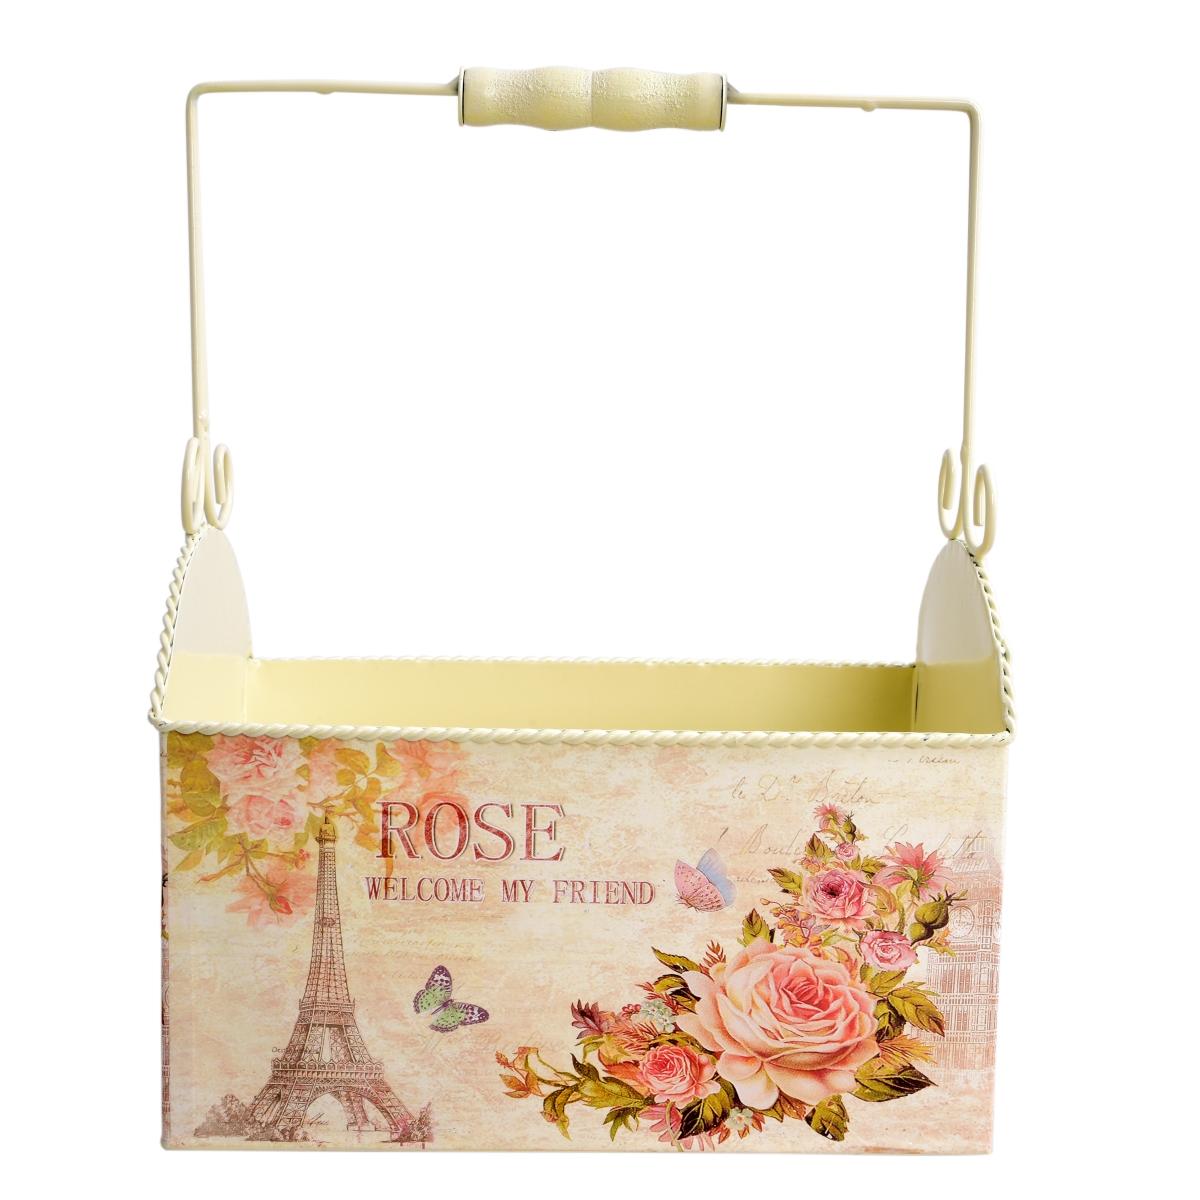 Dekorativní kovový box ROSE s madlem na přenášení